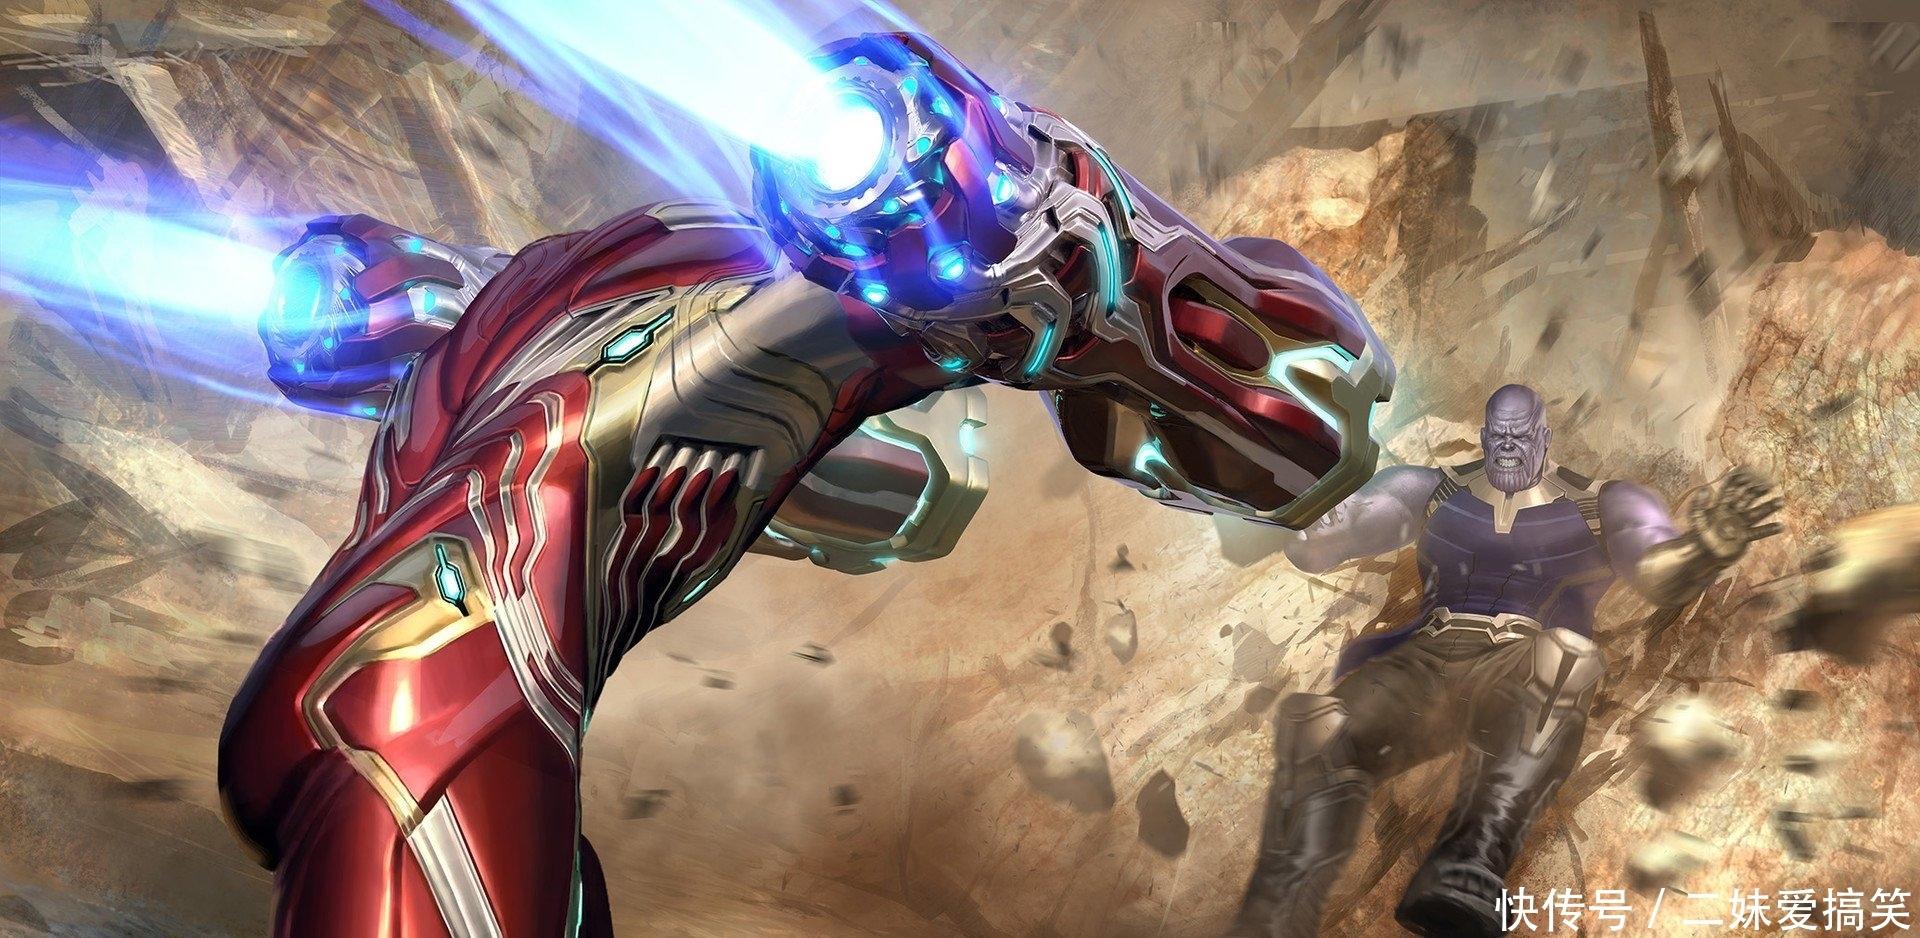 《复联4》解析:为什么钢铁侠打响指不会随机消